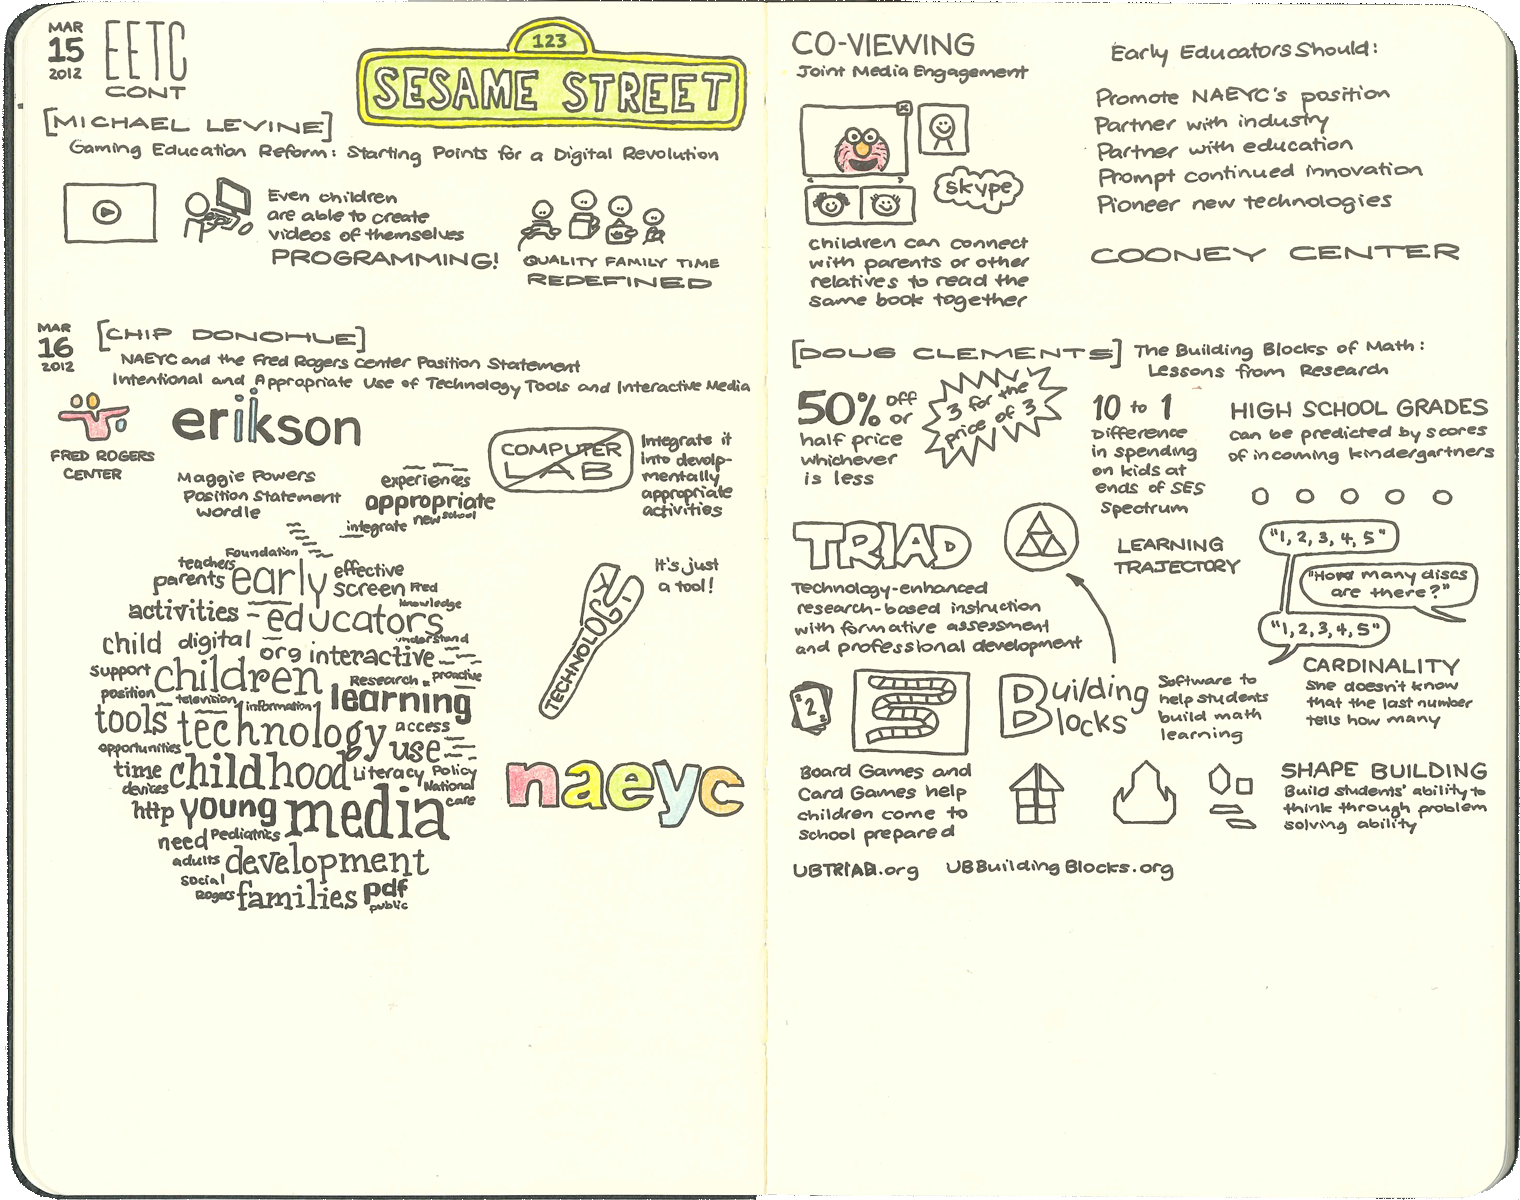 EETC 2012 Sketchnotes 3